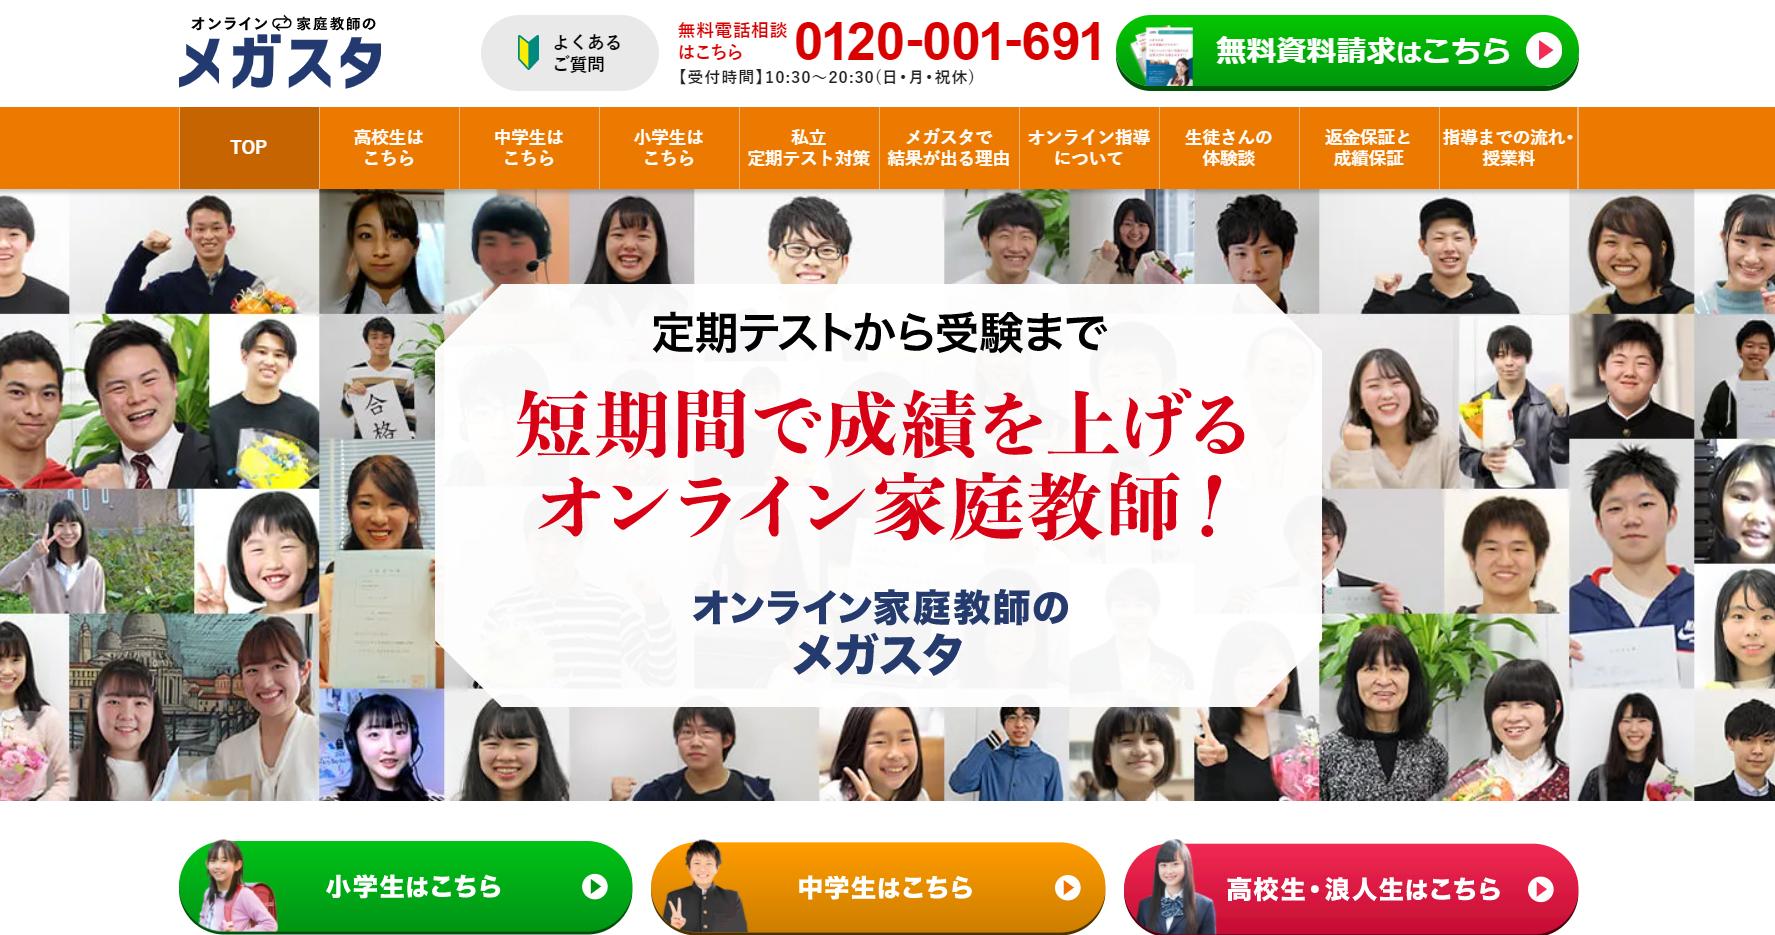 オンライン家庭教師メガスタ|利用者満足度No.1